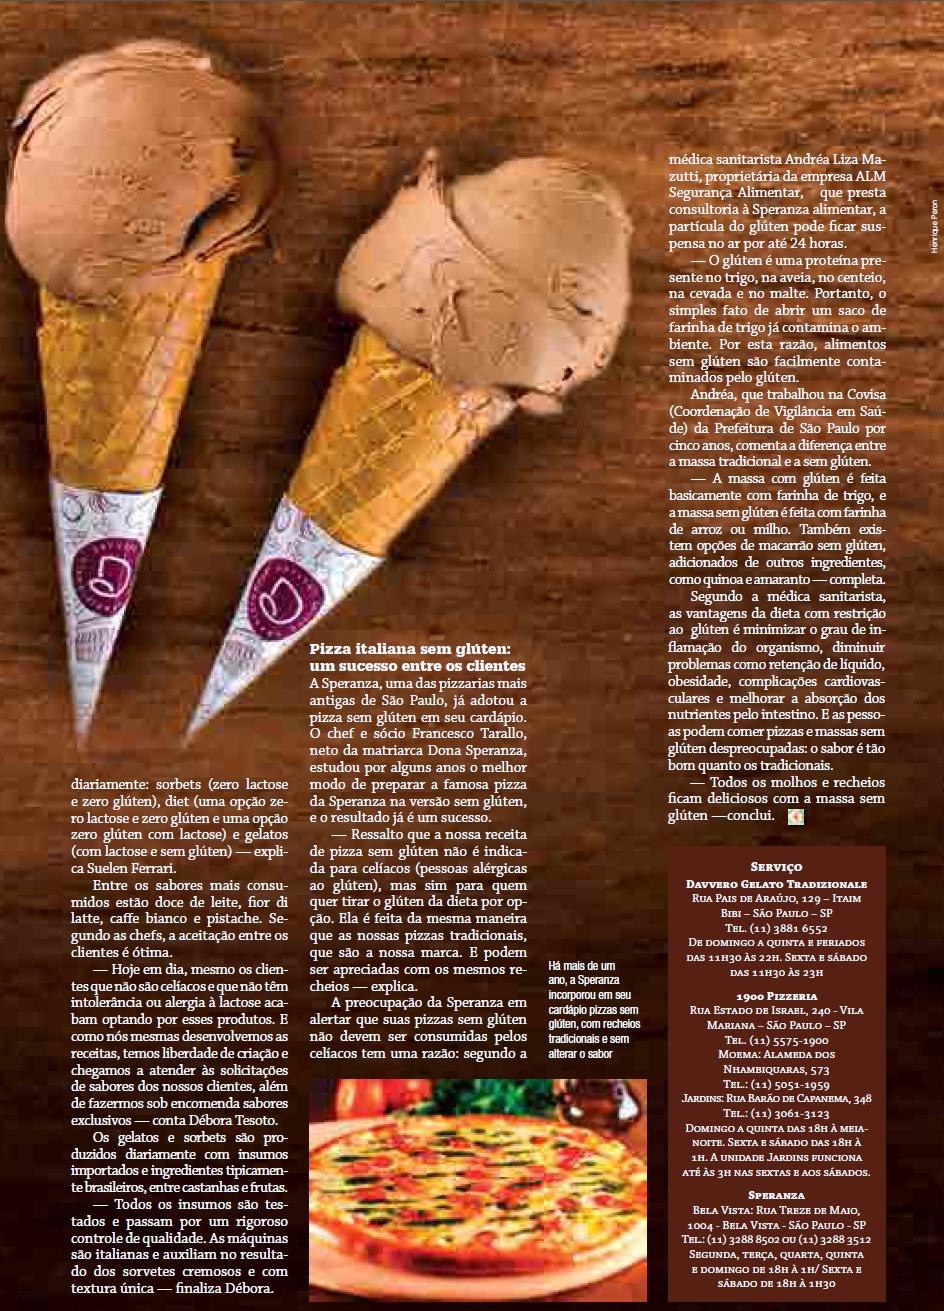 Fabuloso A Davvero Gelato oferece sorvetes sem glúten e sem lactose e com  GM44